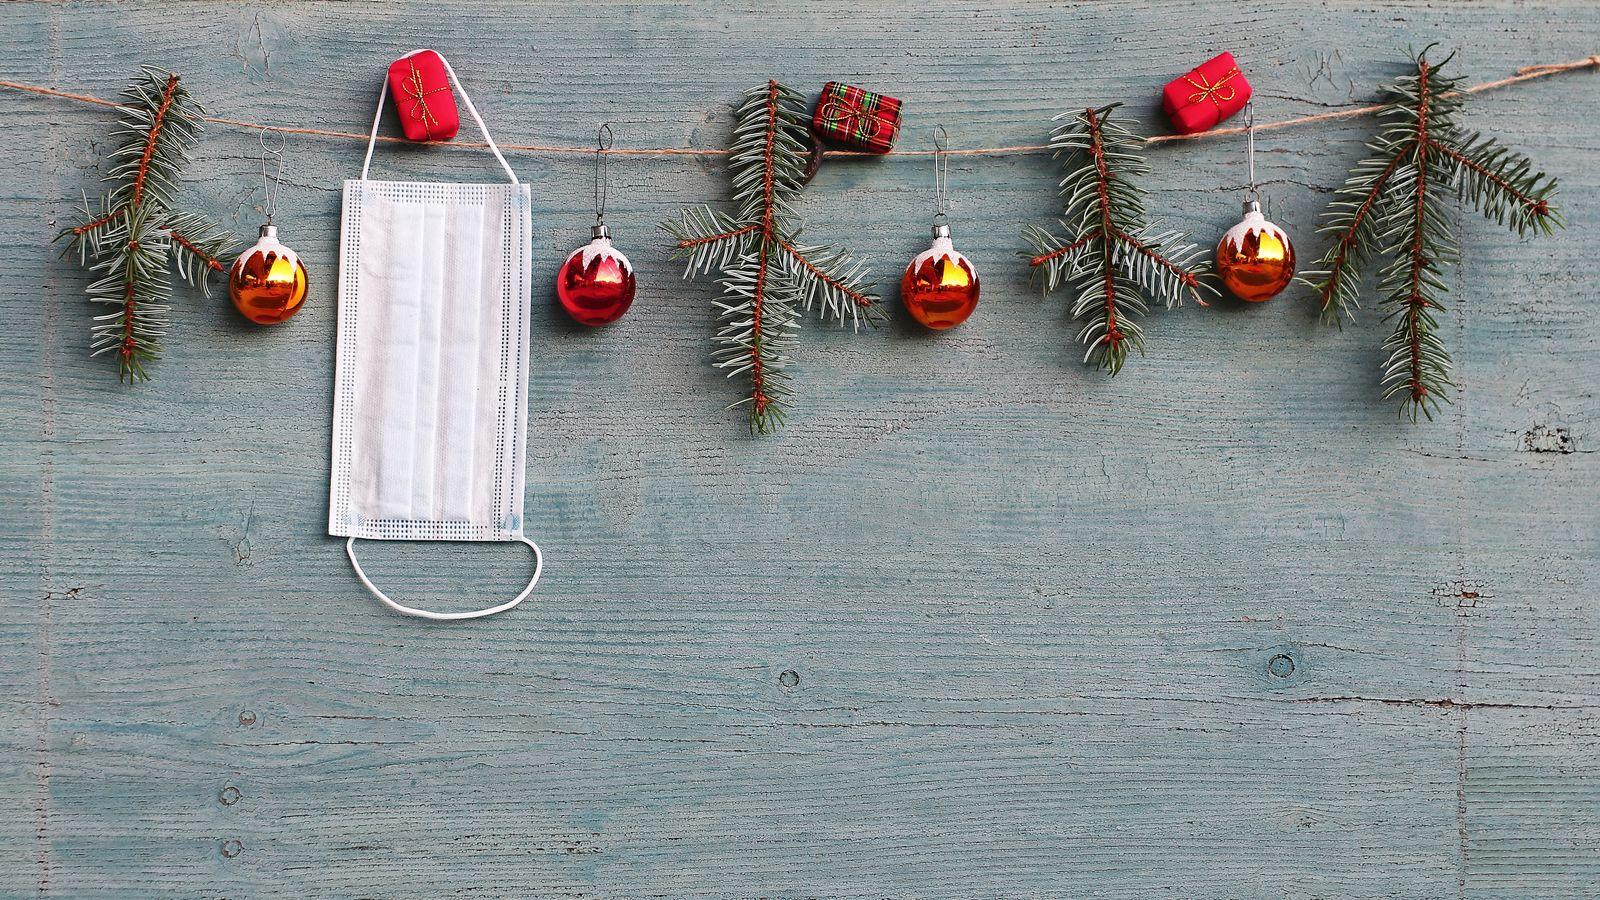 Corona: Wie sinnvoll ist Selbst-Quarantäne vor Weihnachten?